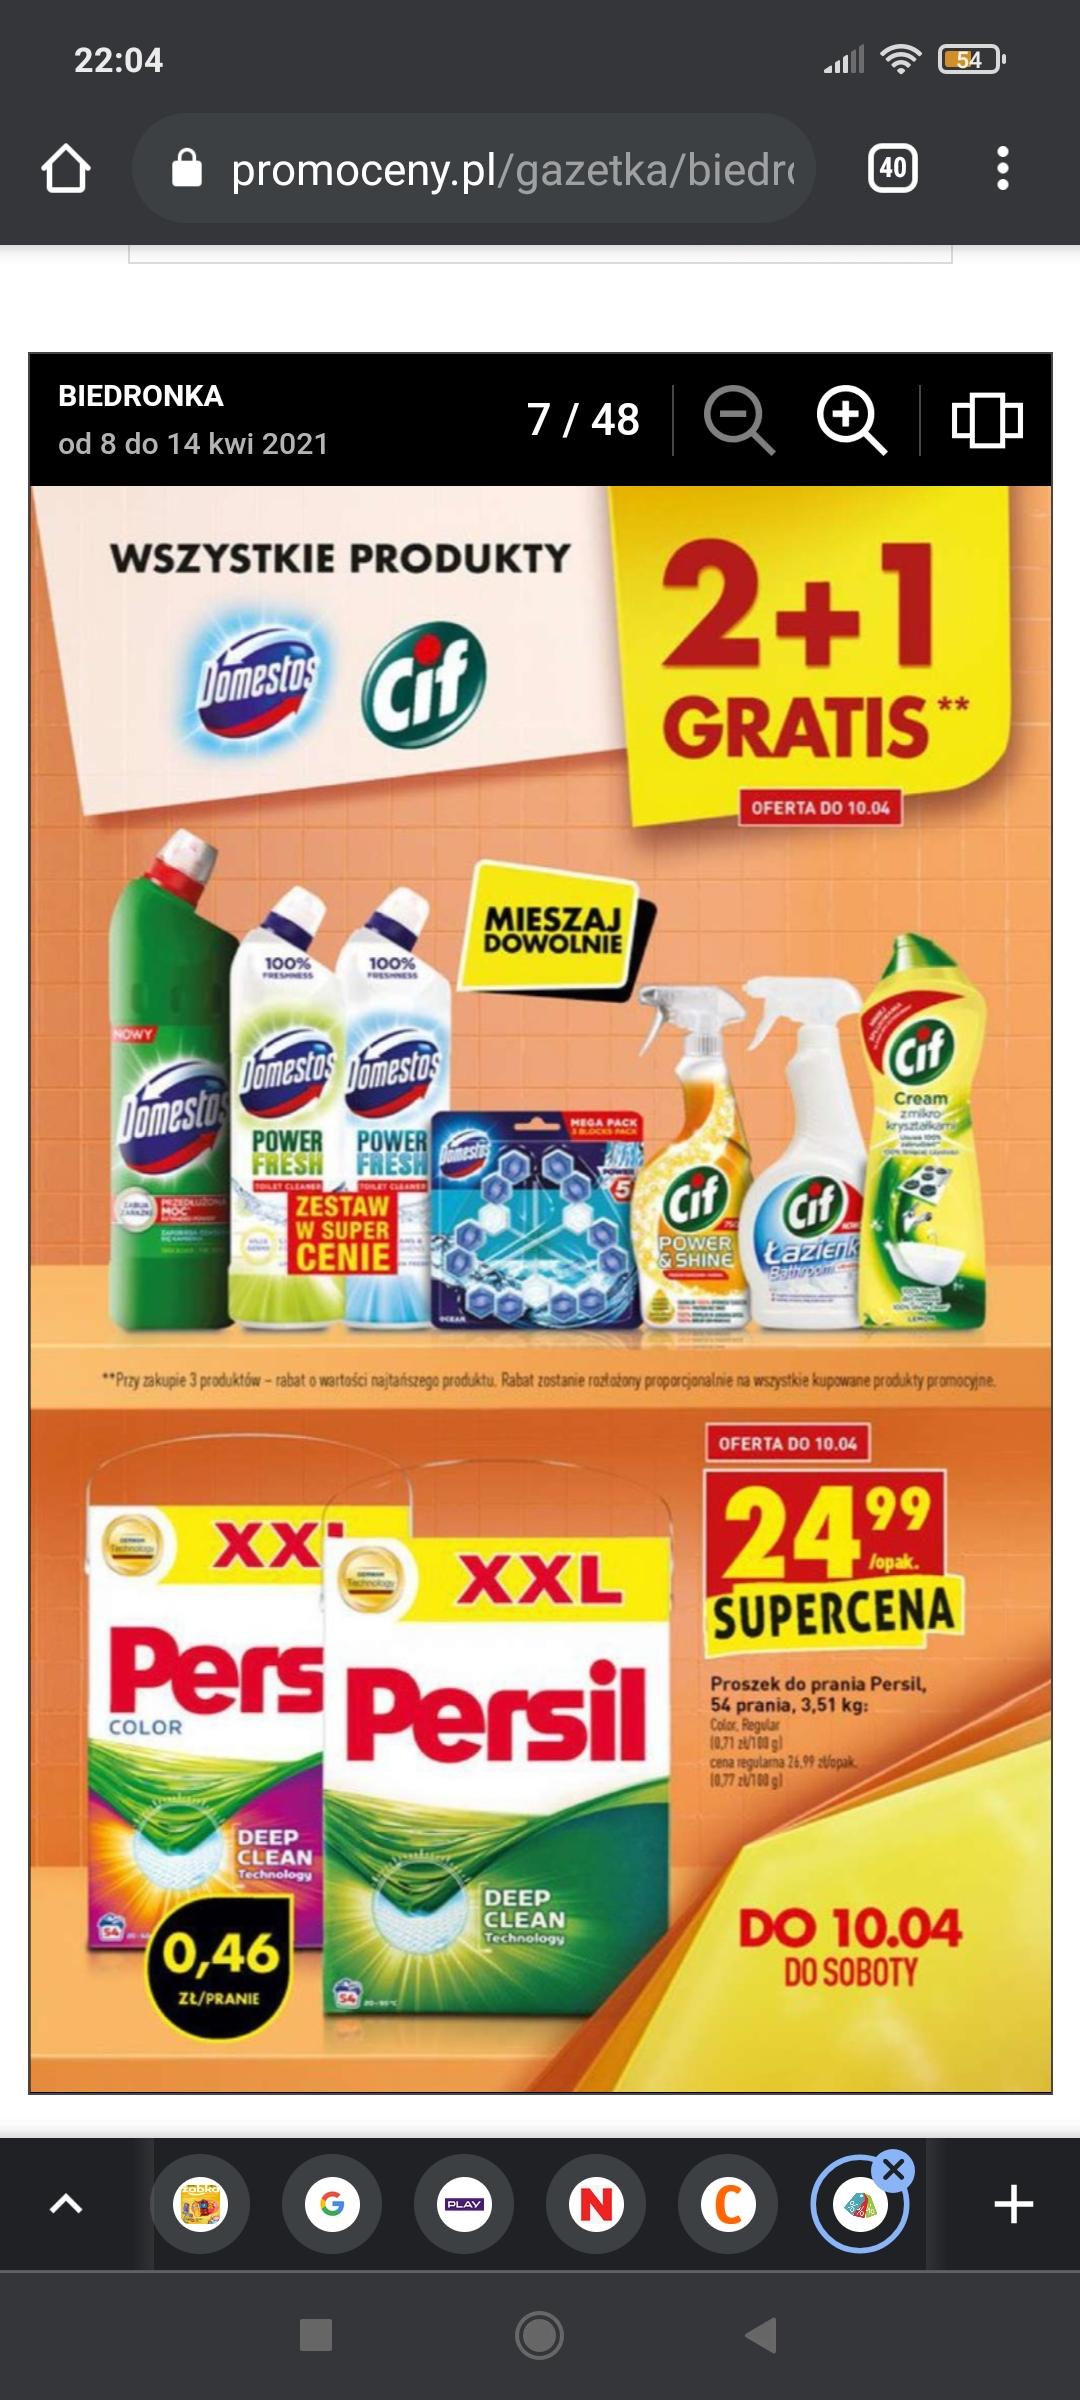 Wszystkie produkty Domestos i Cif 2+1 gratis mieszaj dowolnie w Biedronce